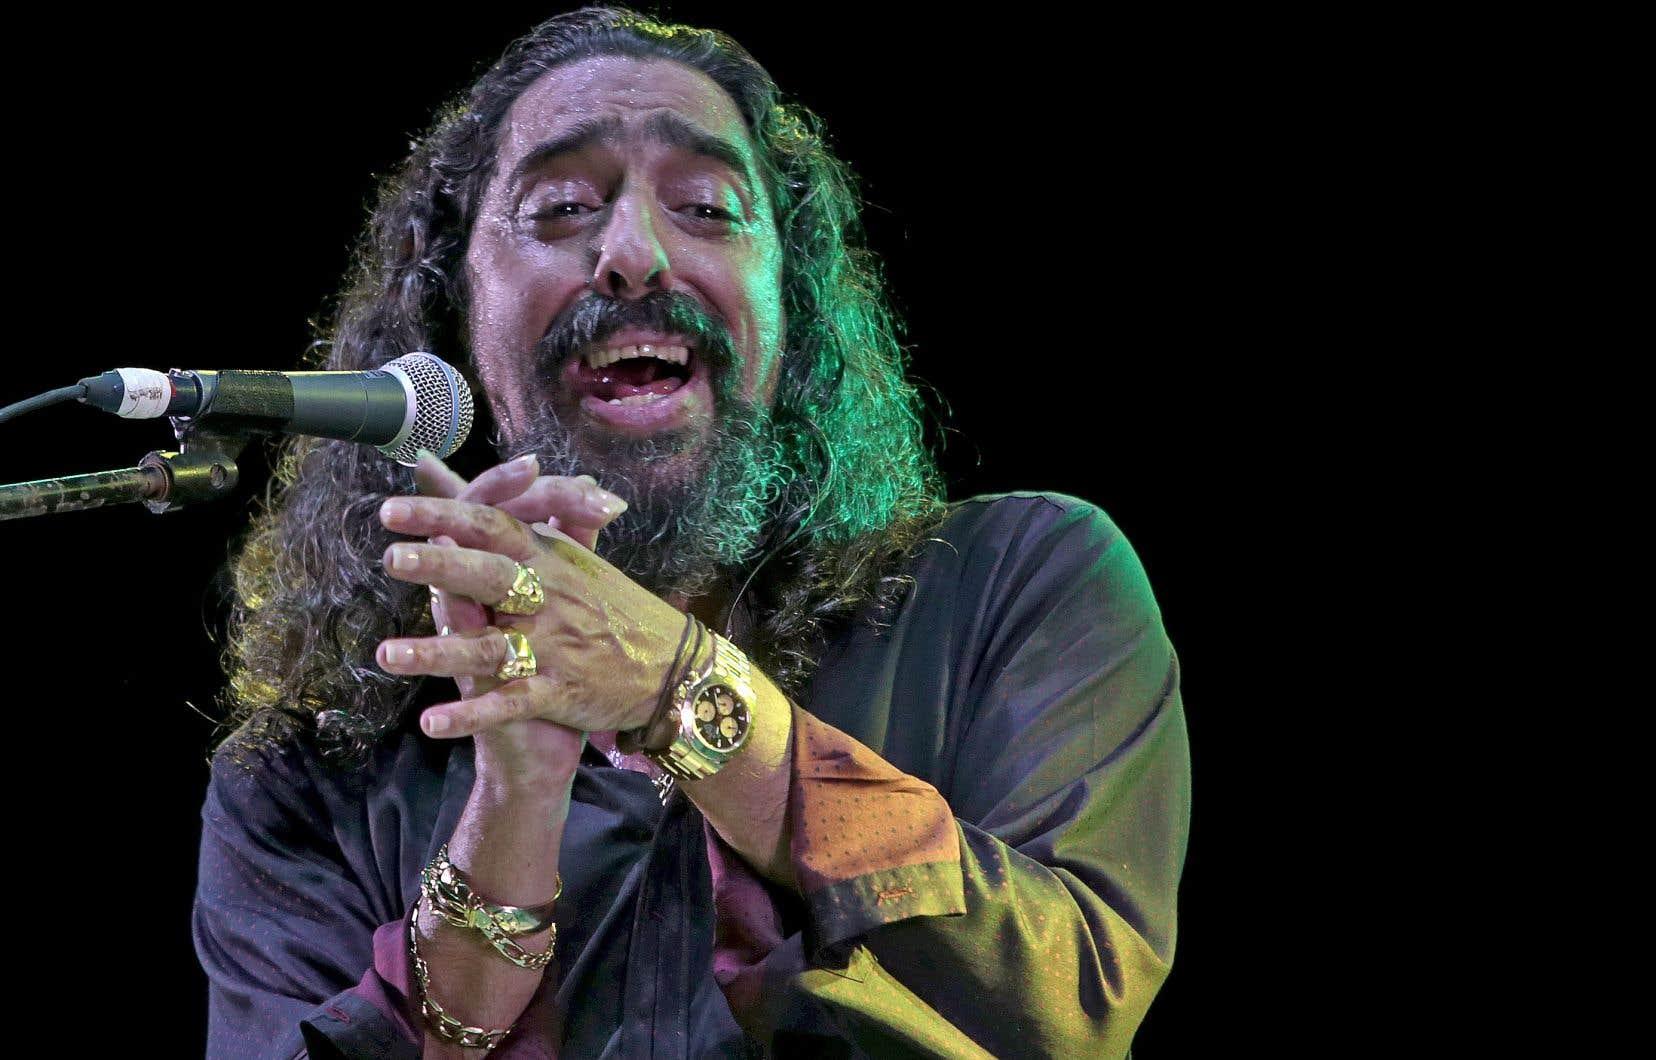 «L'importance du flamenco dans ce que je fais? Tout. C'est tout ce que je fais et tout ce que je vois. Je viens de ce monde-là», répond le chanteurde flamenco Diego El Cigala.